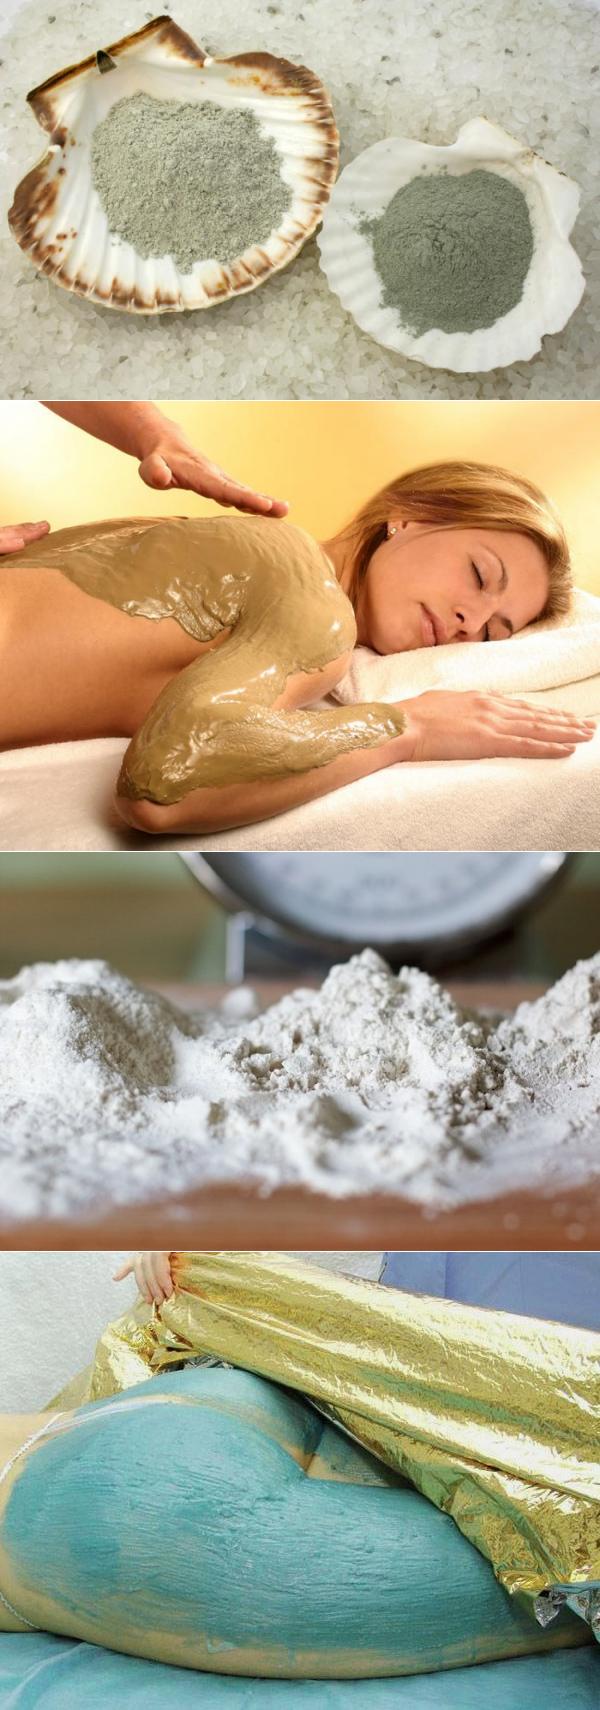 Рецепты водорослевых обертываний, как провести в домашних условиях, польза и противопоказания